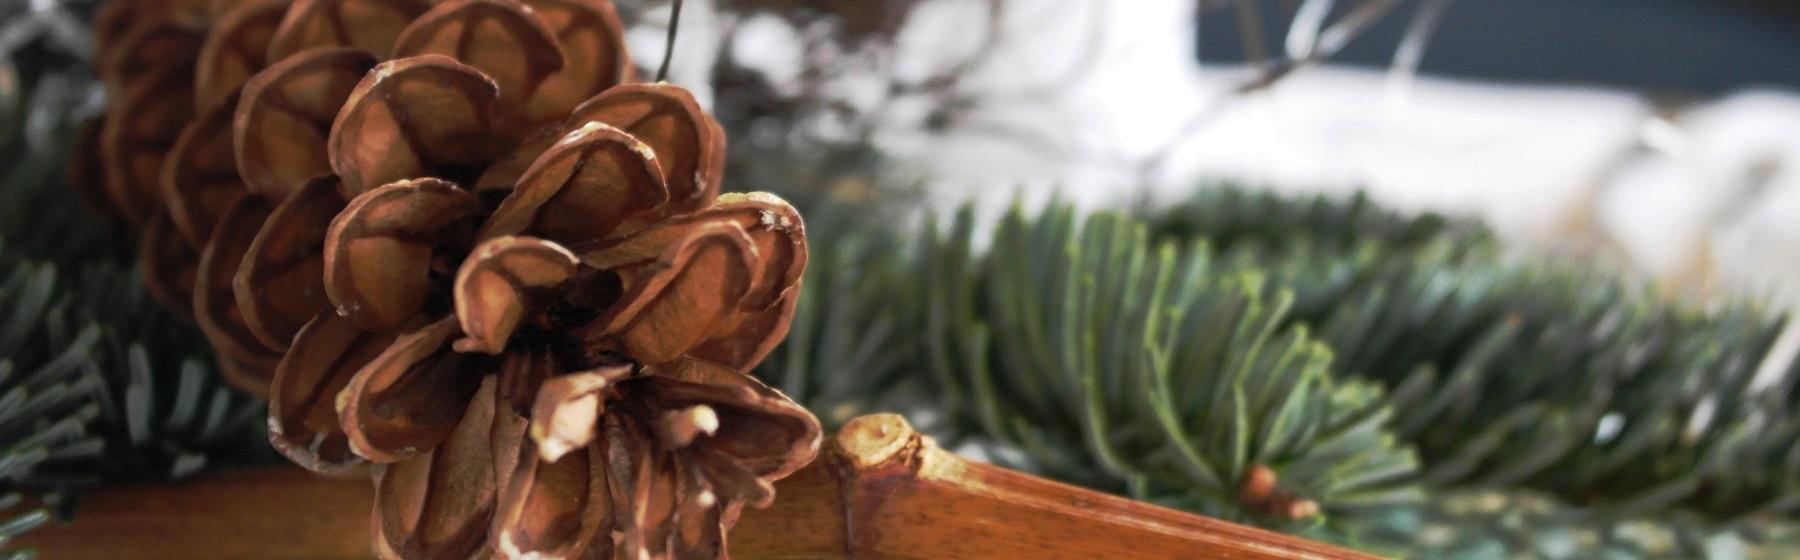 fest-arrangements-weihnachtsfeiern